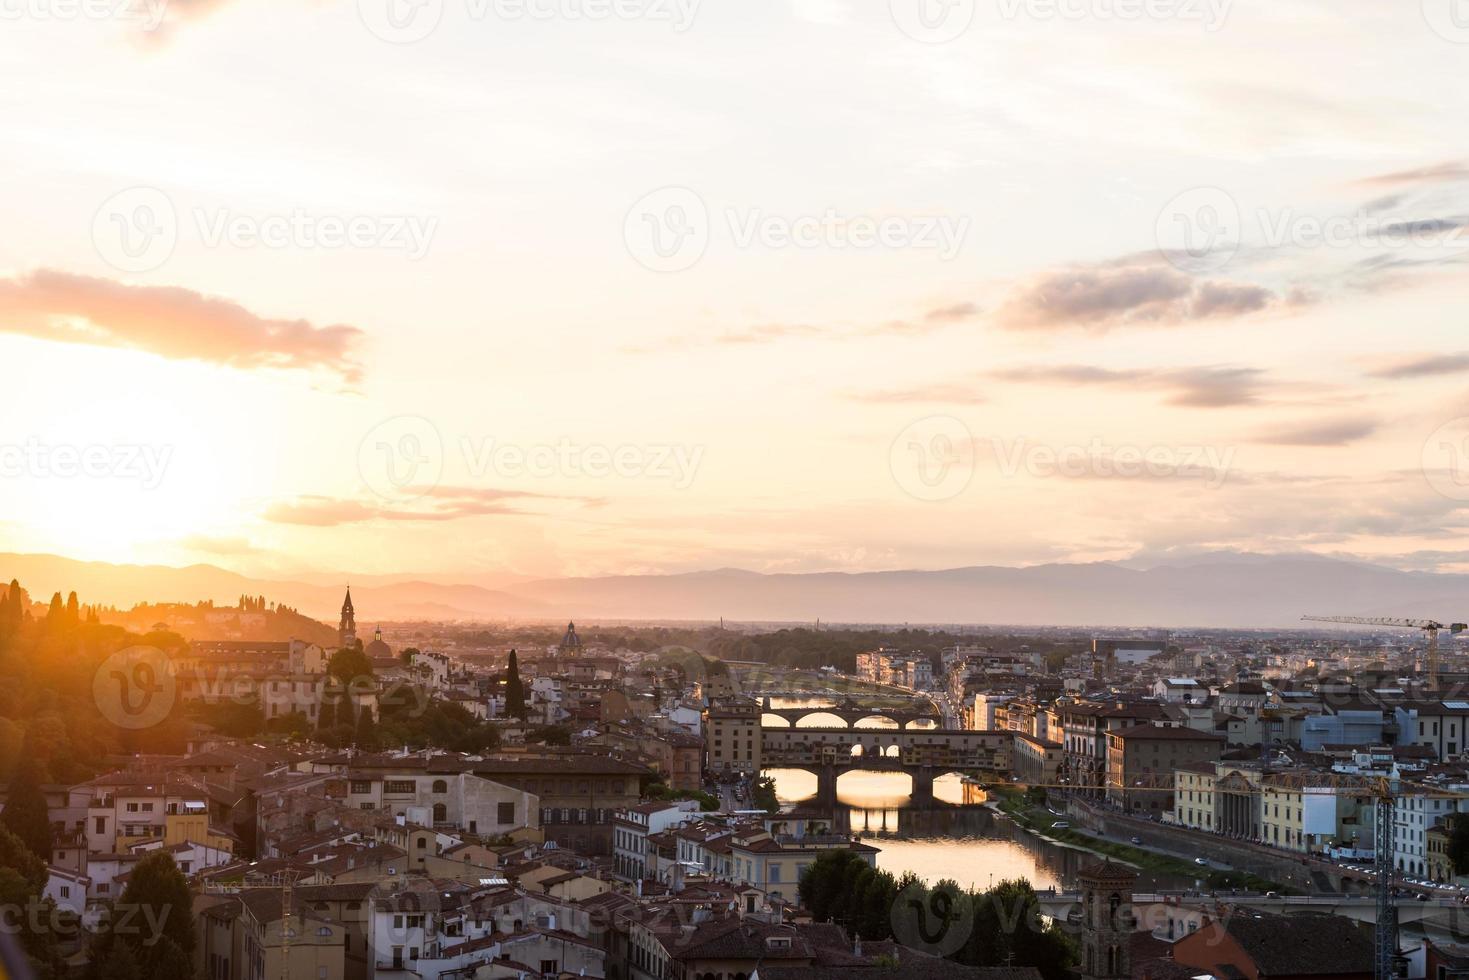 landschap van de stad florence foto